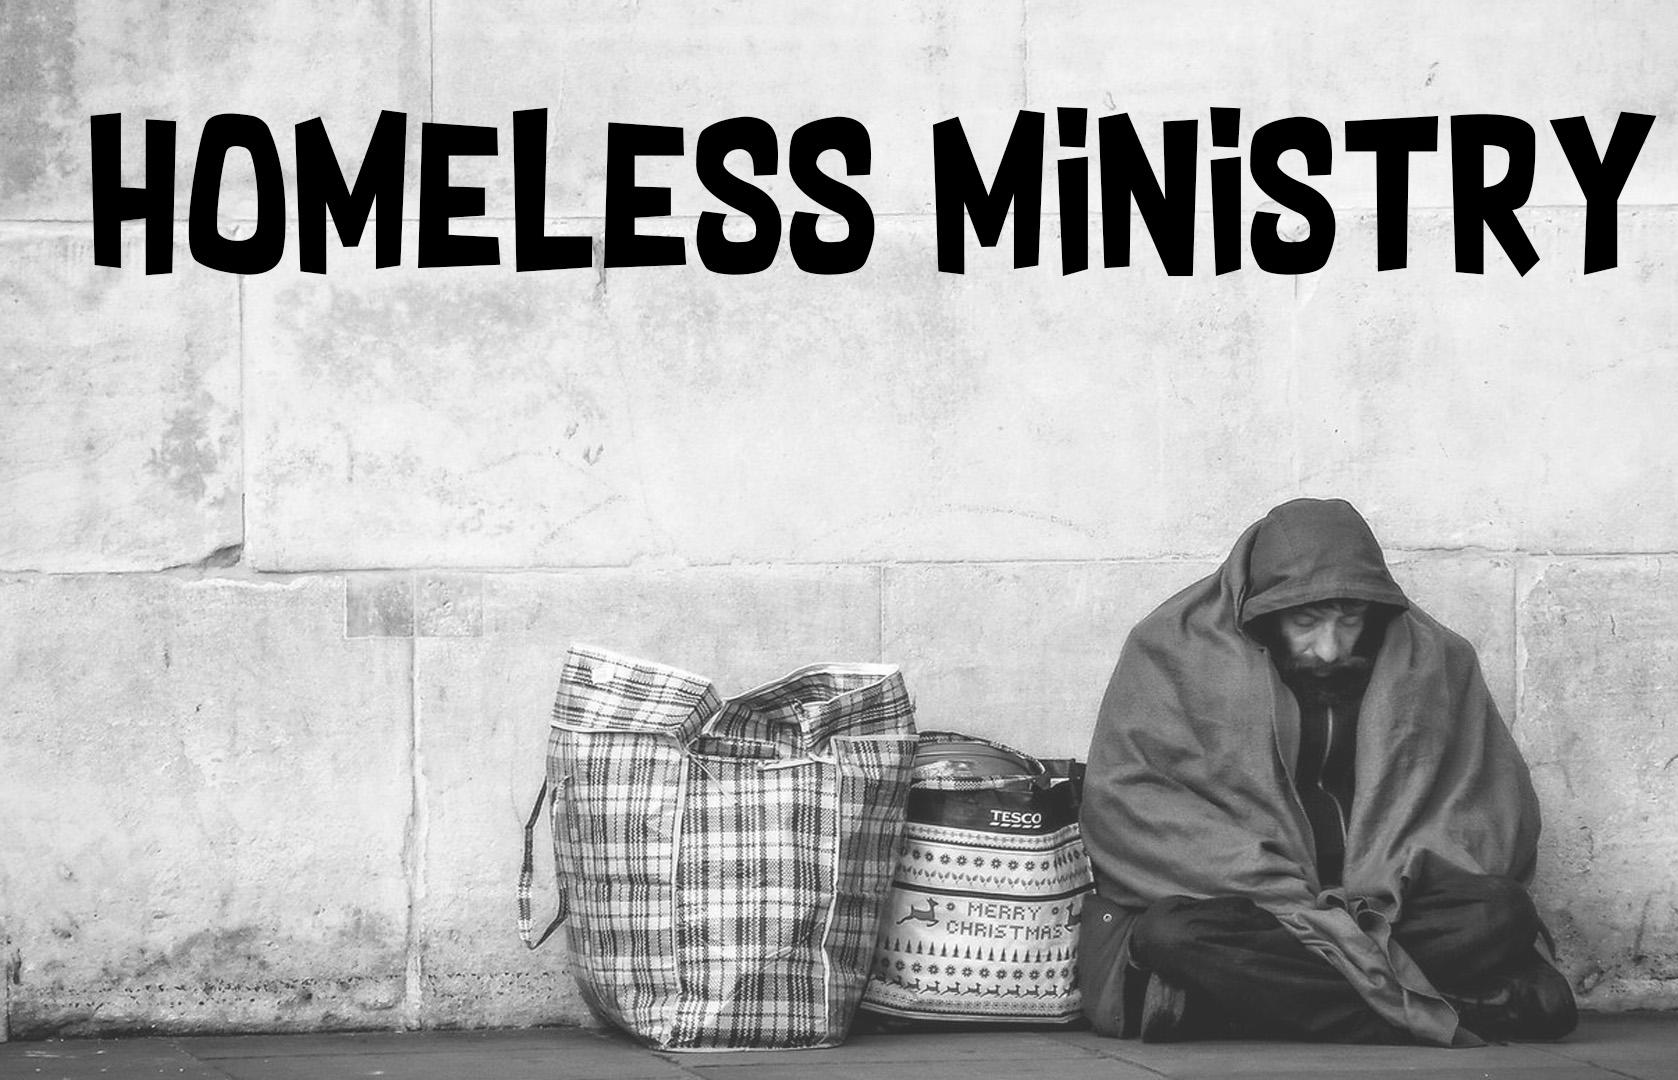 homeless ministry2.jpg